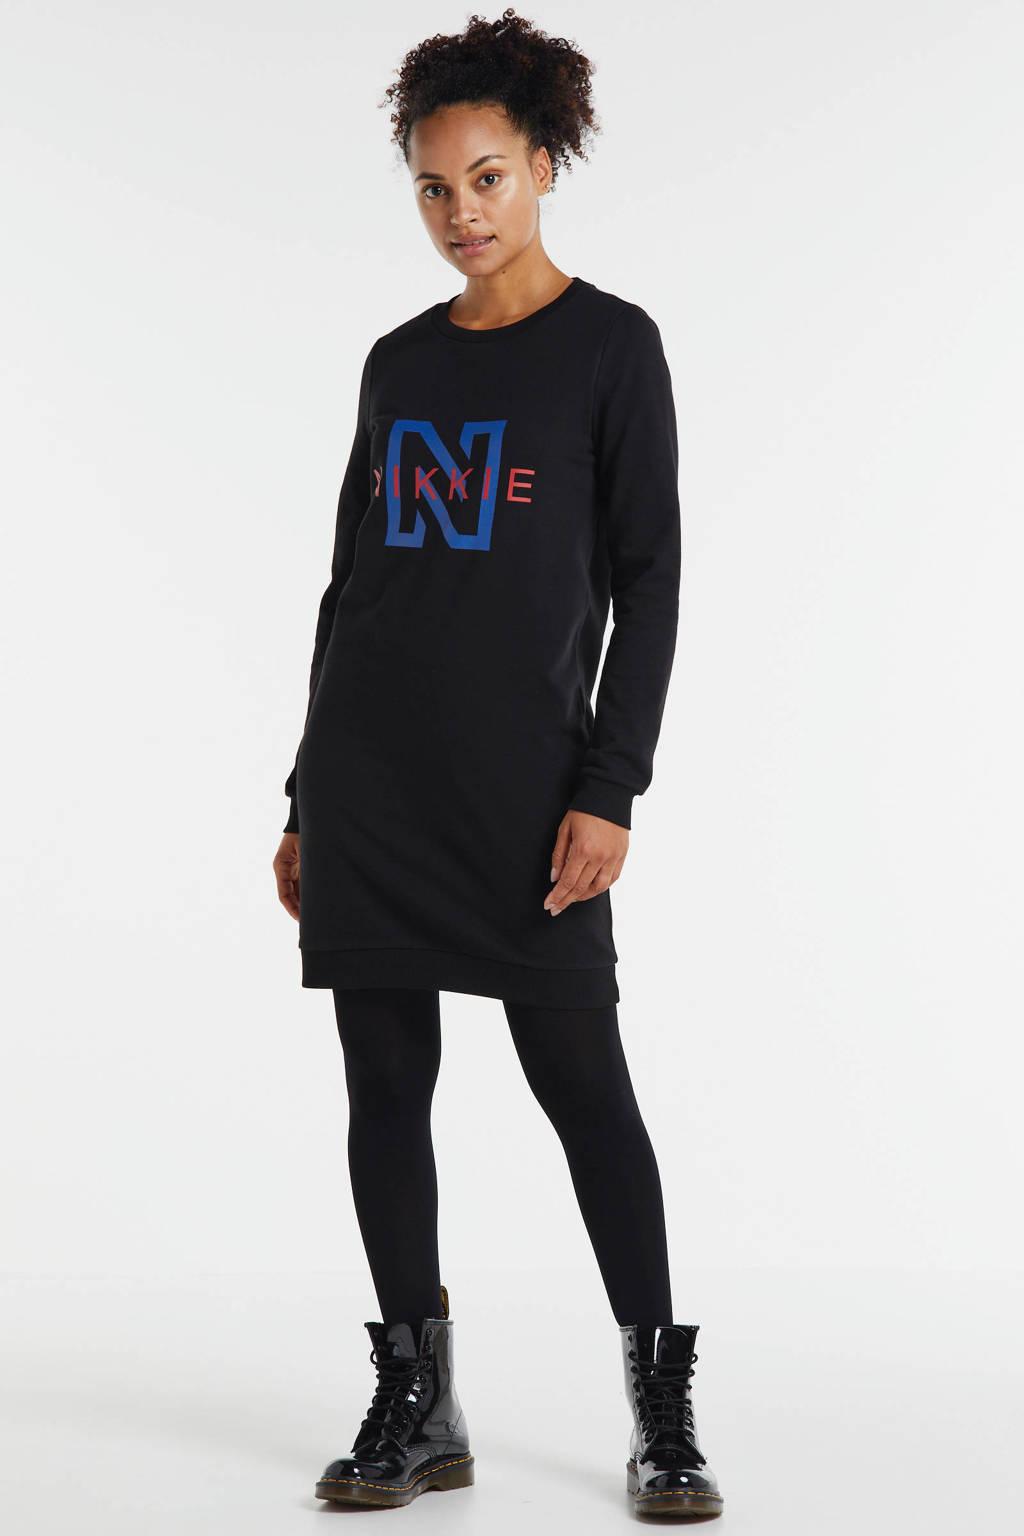 NIKKIE sweatjurk met logo zwart/blauw/rood, Zwart/blauw/rood